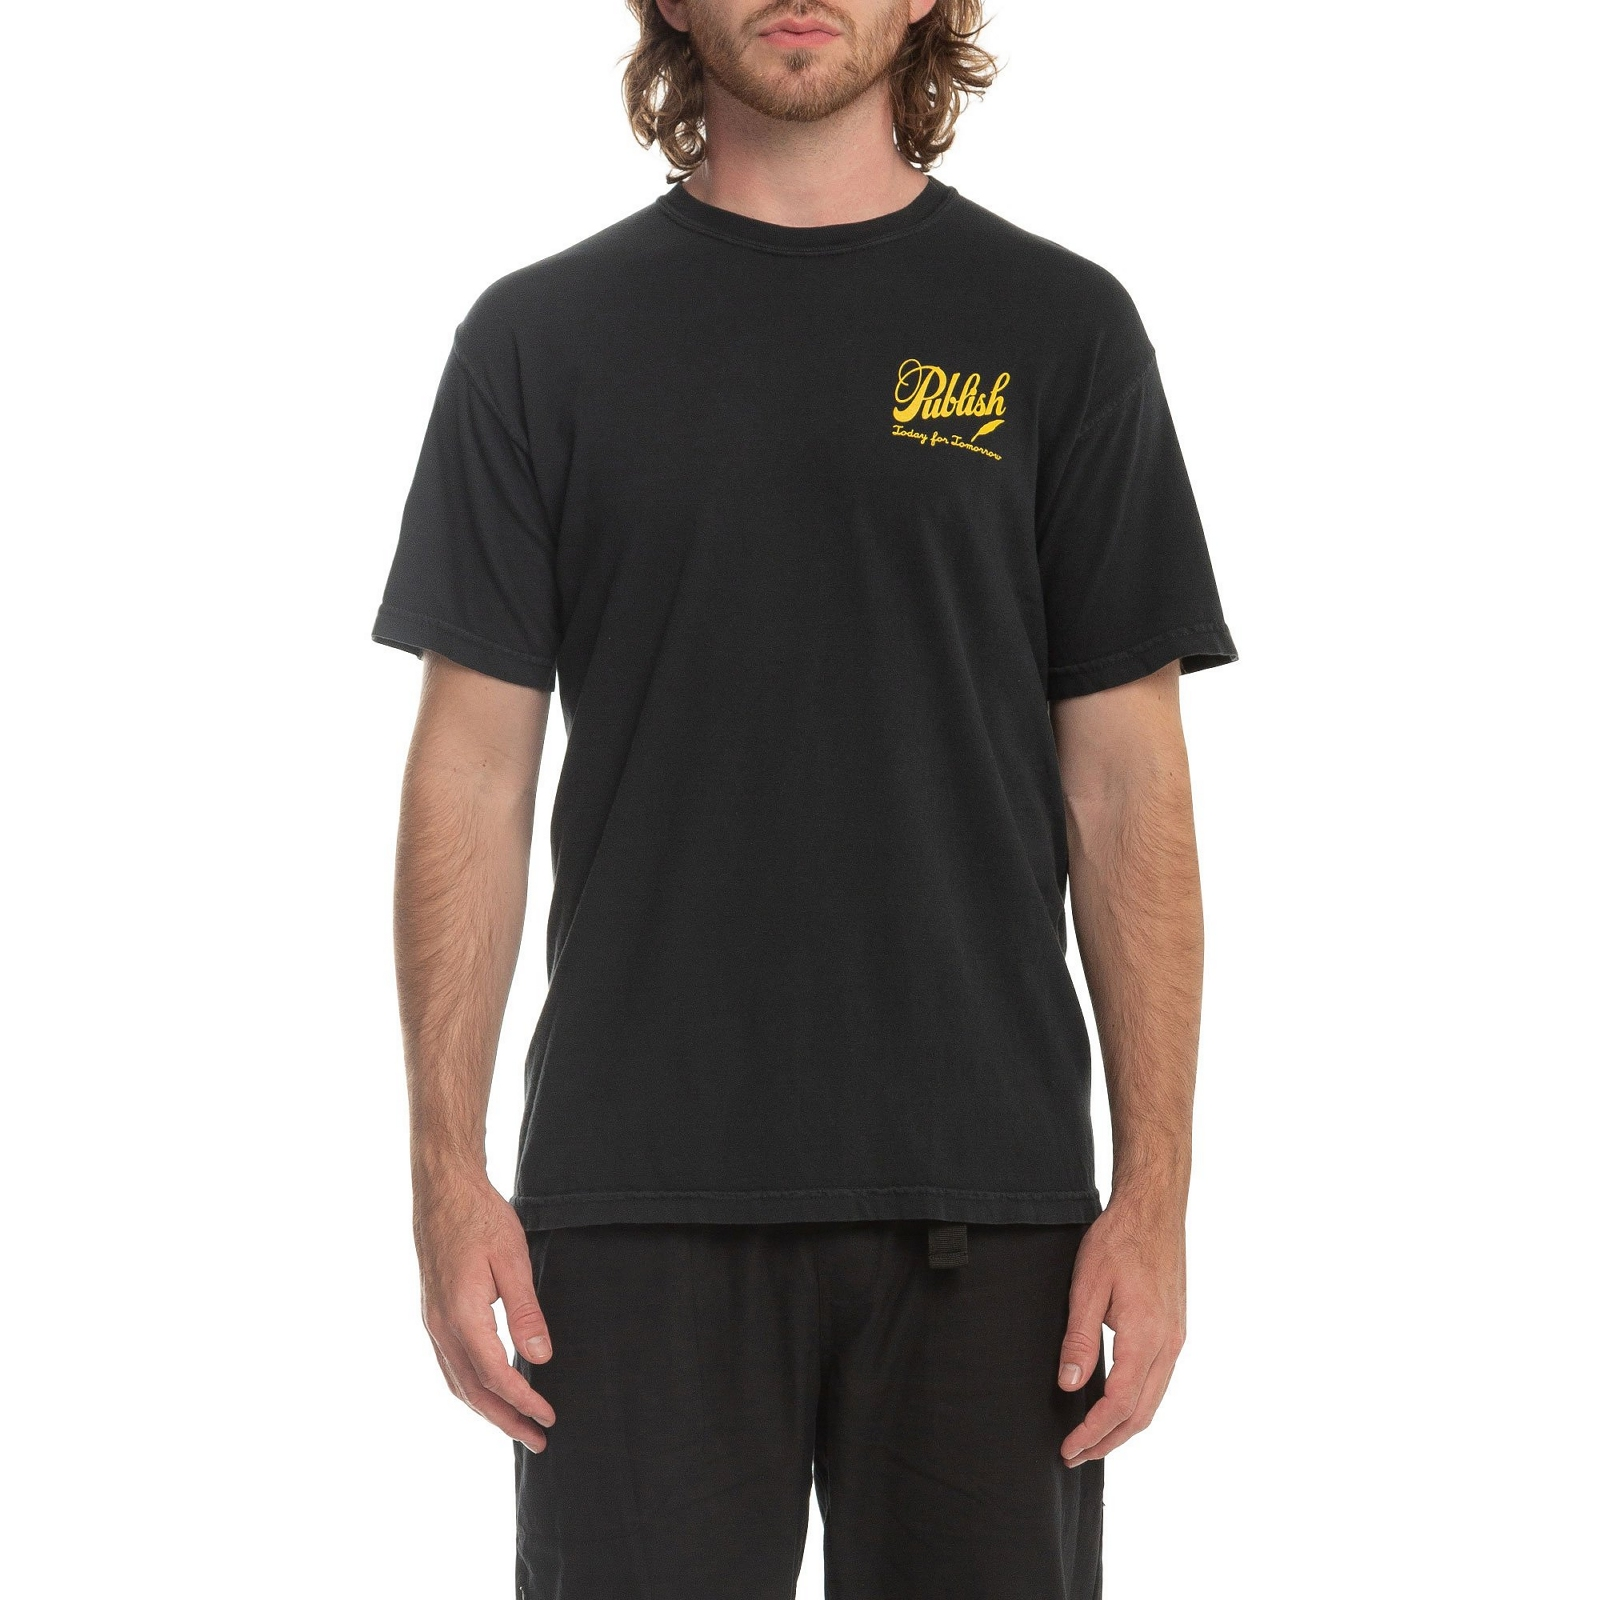 【PUBLISH BRAND/パブリッシュブランド】CALIGRAPHY Tシャツ / BLACK